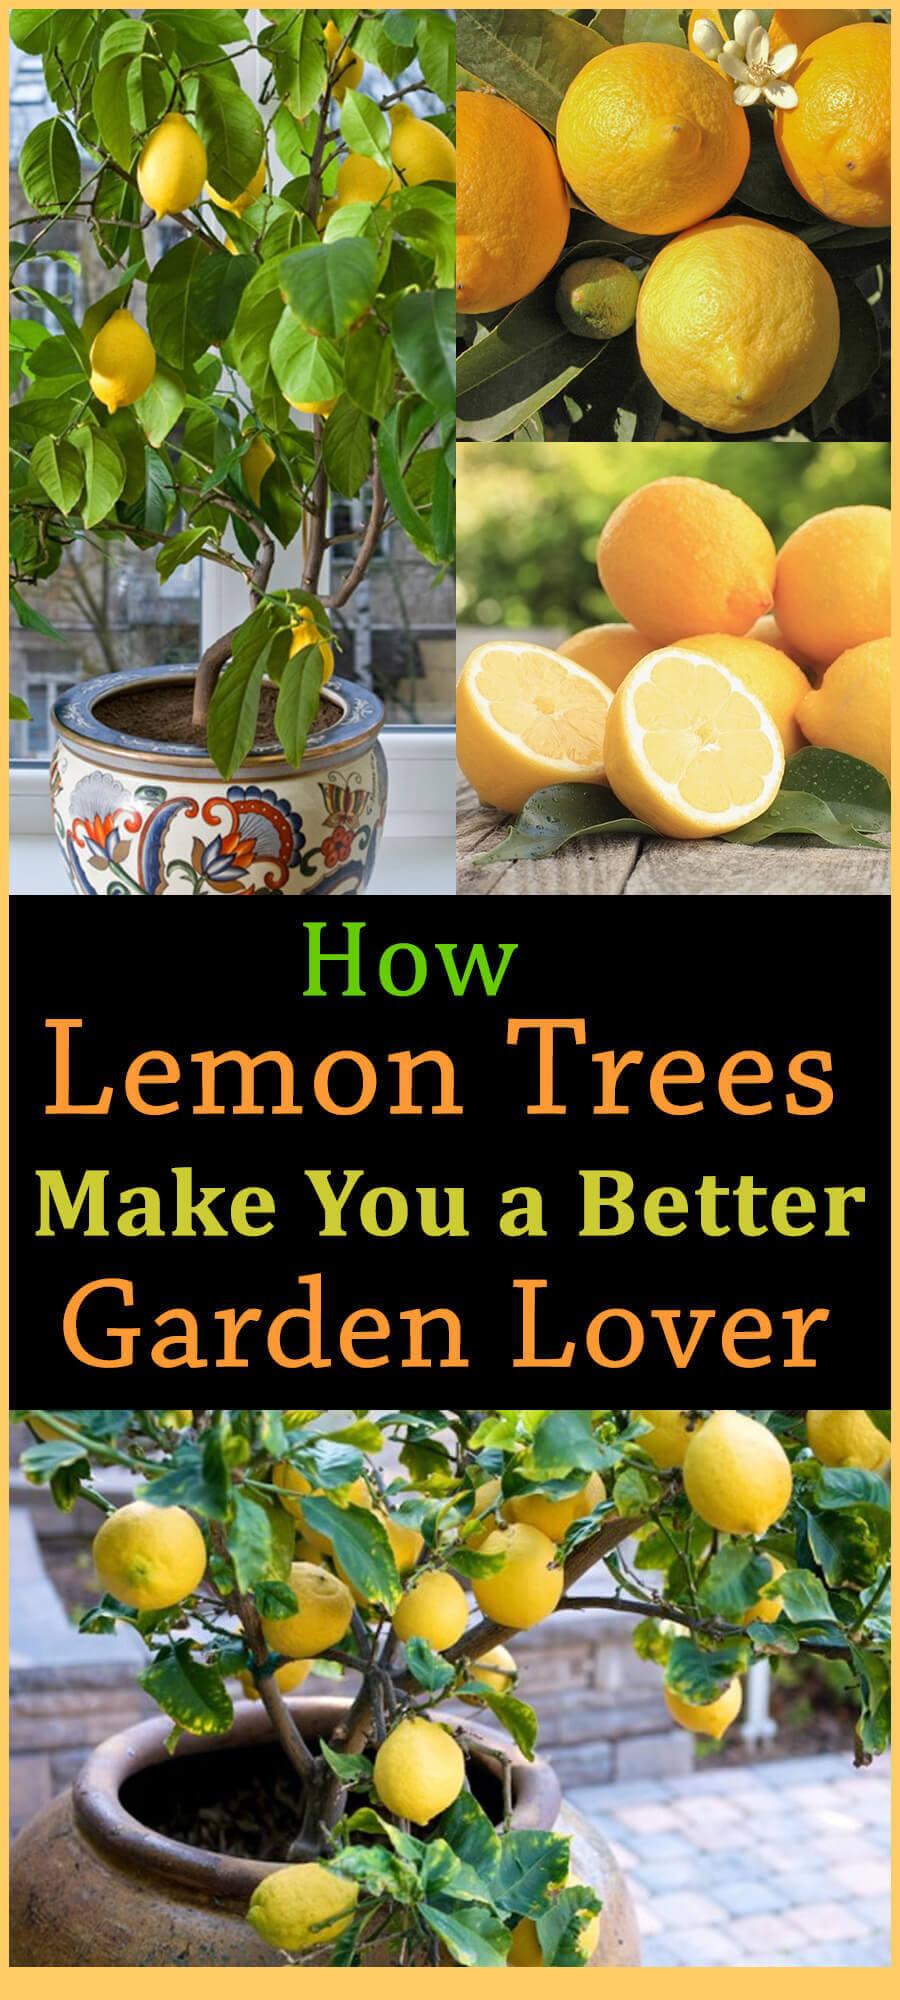 How Lemon Trees Make You a Better Garden Lover